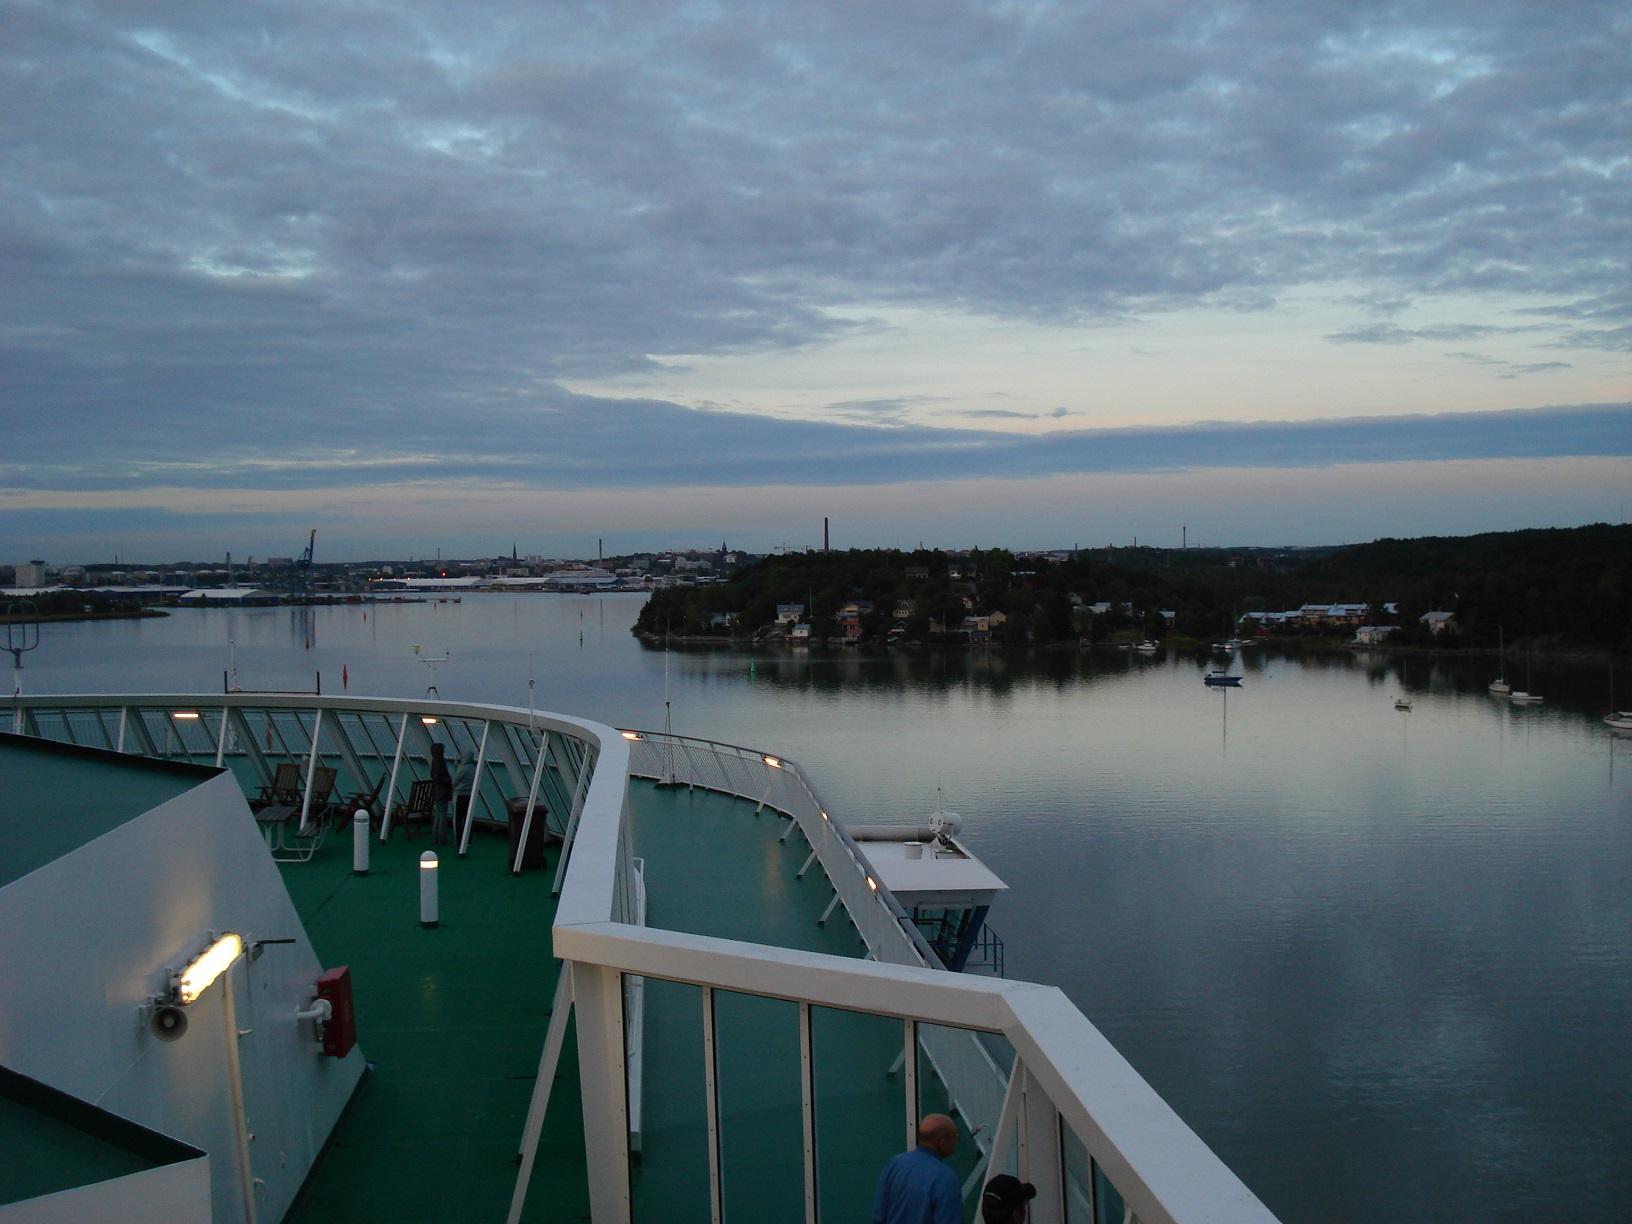 Blick auf den Hafen von Turku vom Schiff aus